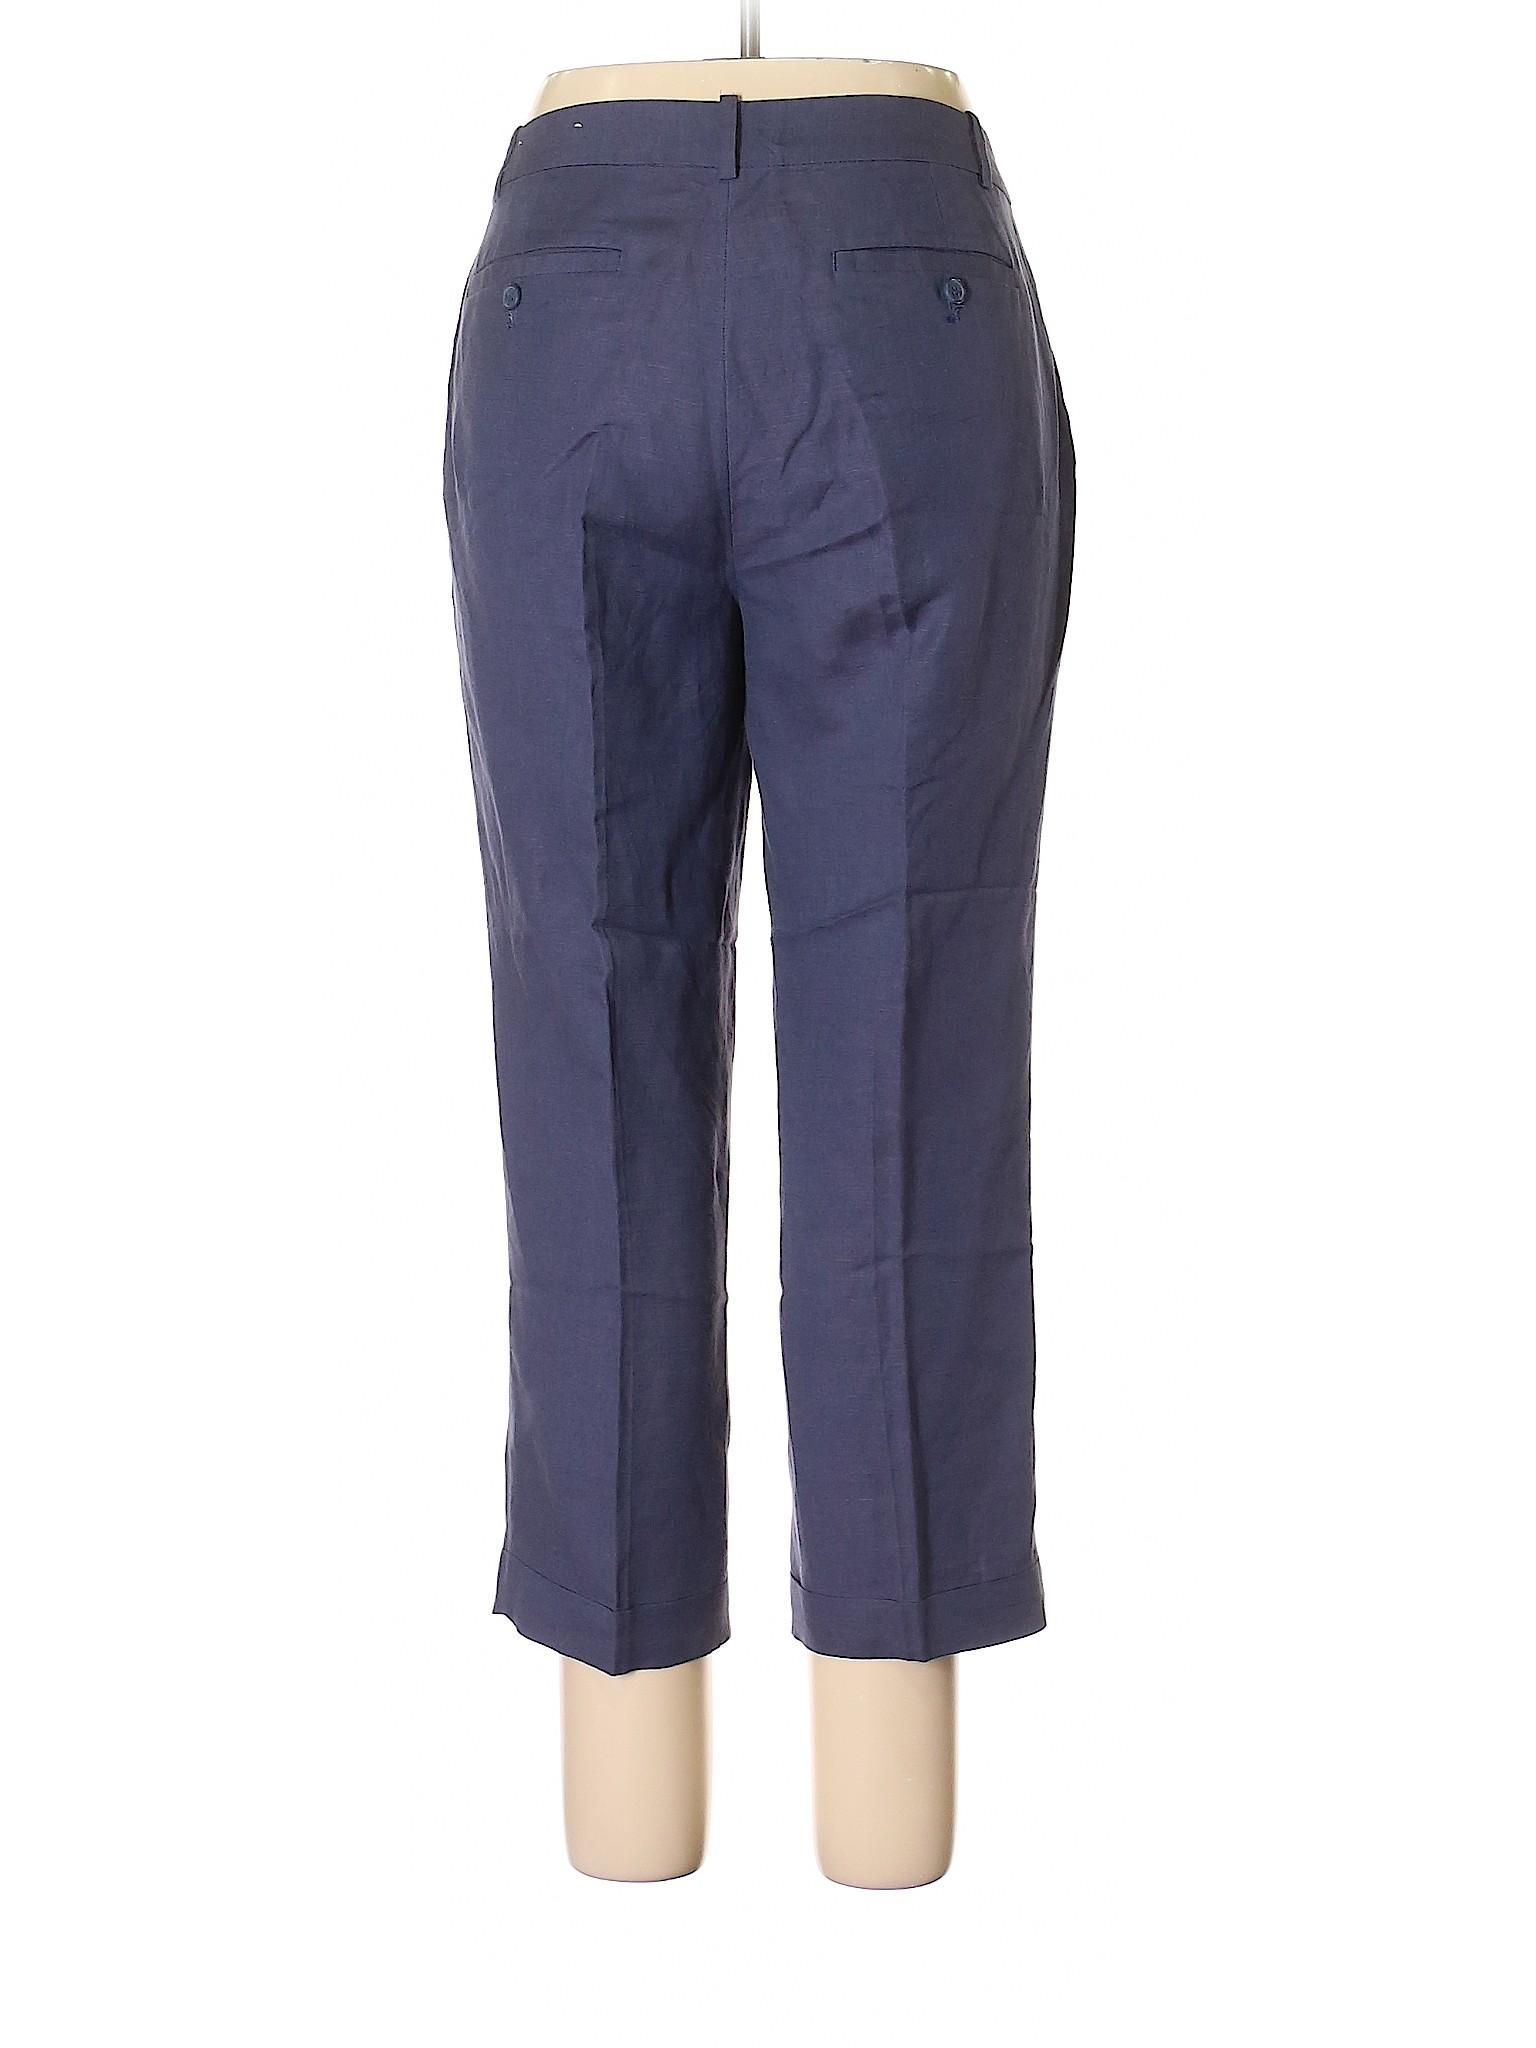 Ann Linen Leisure LOFT Pants winter Taylor 4Wq55p0fw